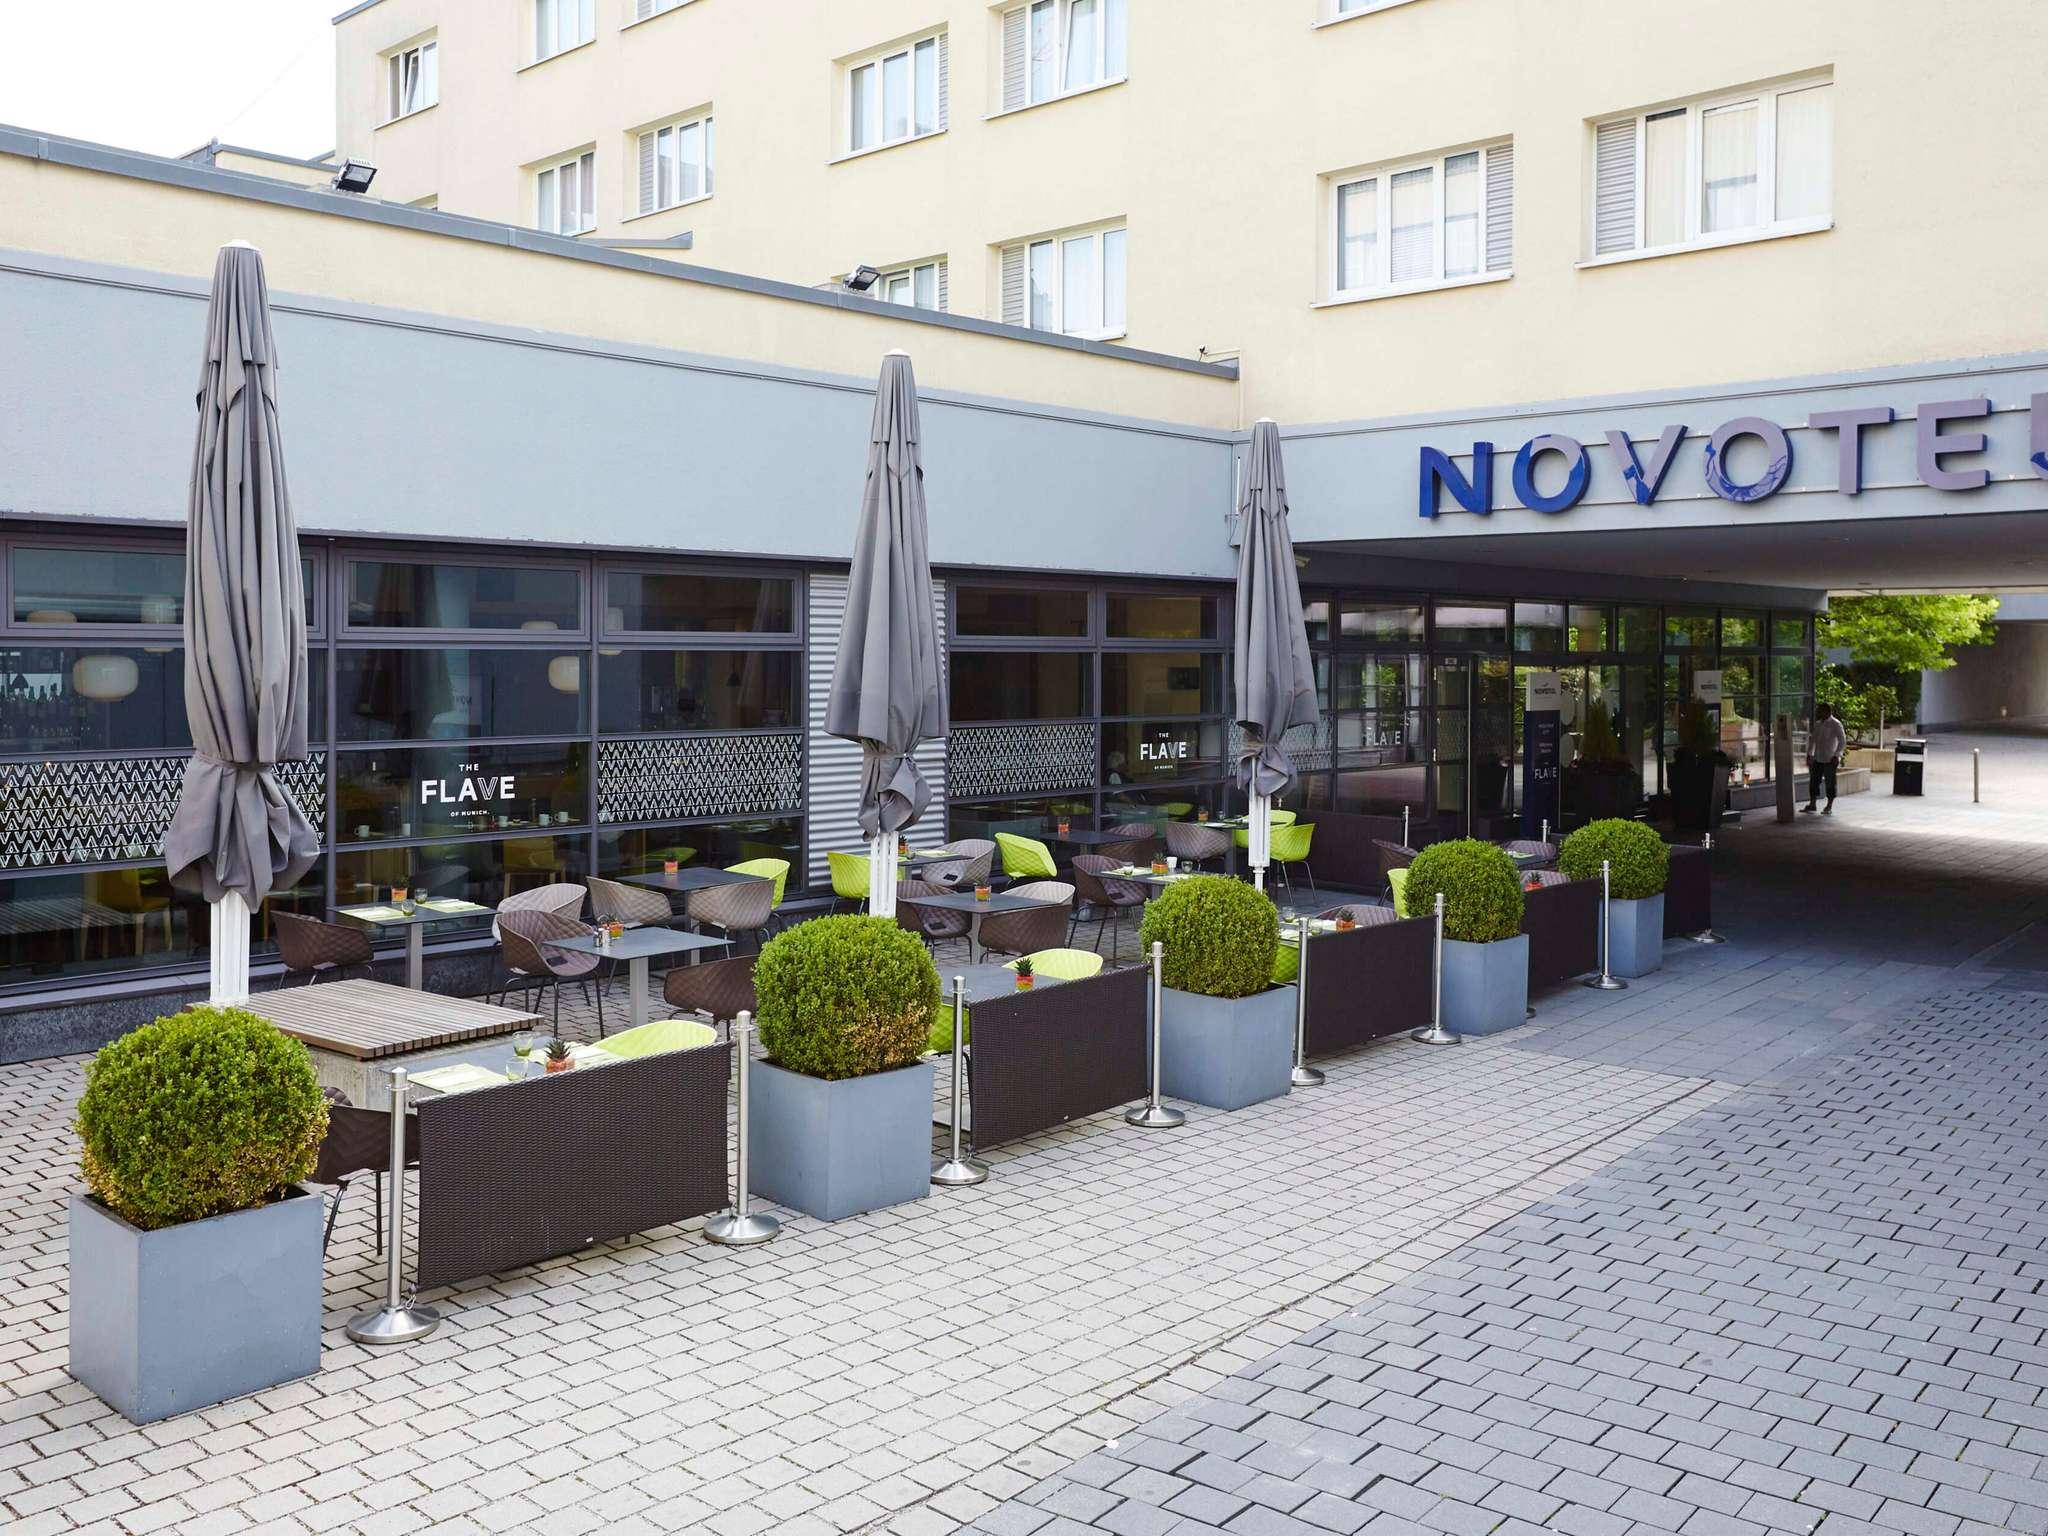 โรงแรม – โนโวเทล มุนเช่น ซิตี้